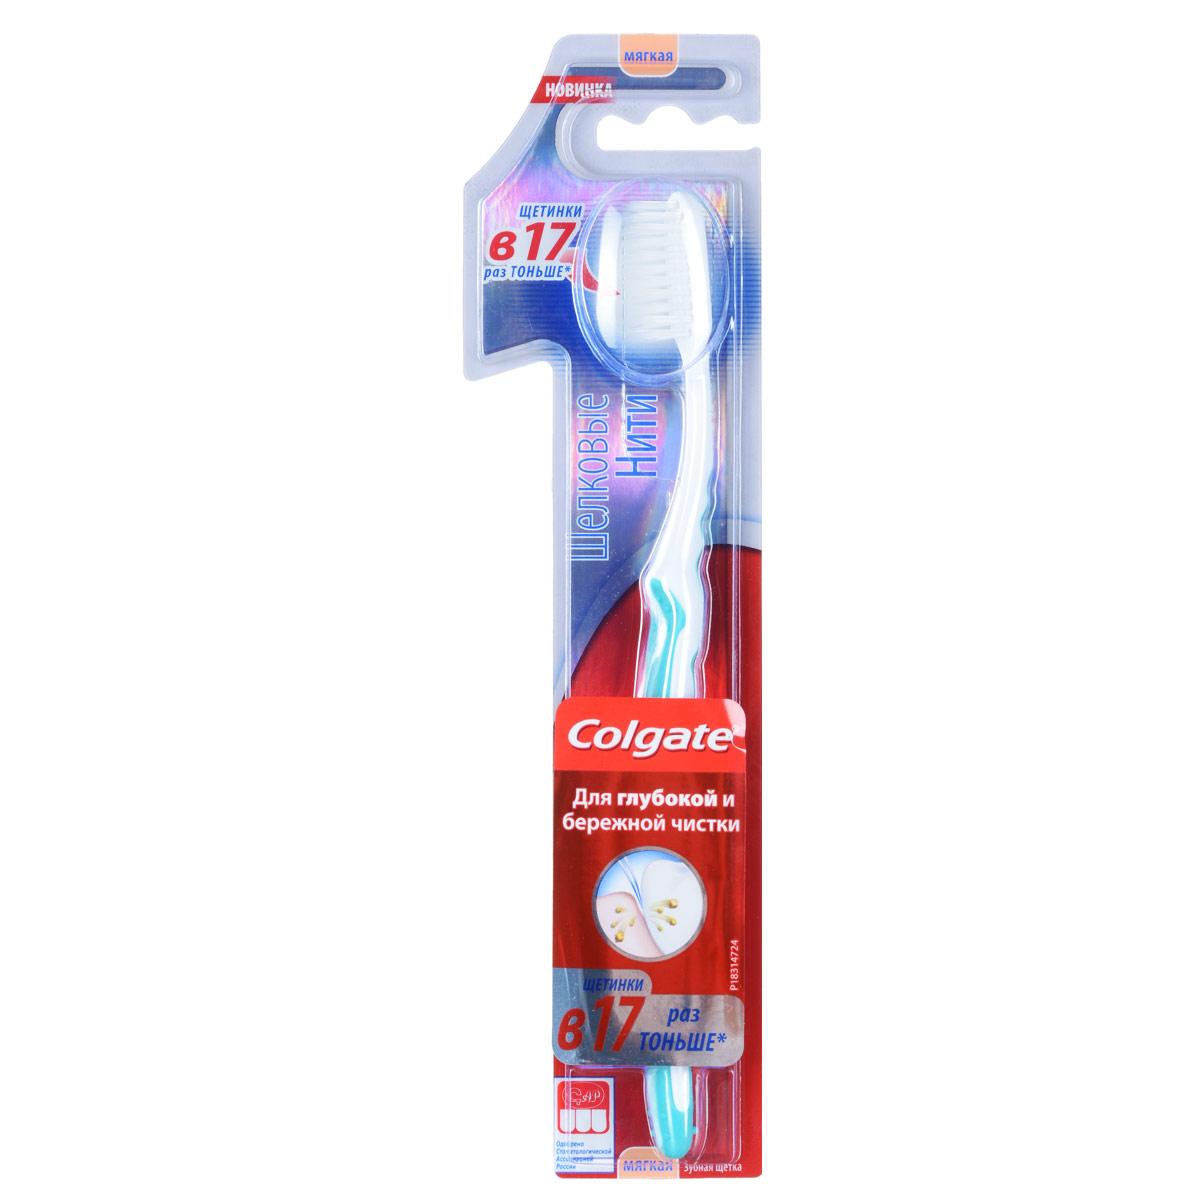 Colgate Зубная щетка Шелковые нити, с мягкой щетиной, цвет: зеленый5010777139655Colgate Шелковые нити - зубная щетка с мягкой щетиной. Специально разработанные щетинки зубной щетки в 17 раз тоньше и лучше удаляют зубной налет, остатки пищи из межзубных промежутков и вдоль линии десен. Эргономичная рифленая ручка не скользит в ладони, амортизирует давление руки на нежную поверхность десен.Материал щетки: пластик.Товар сертифицирован.